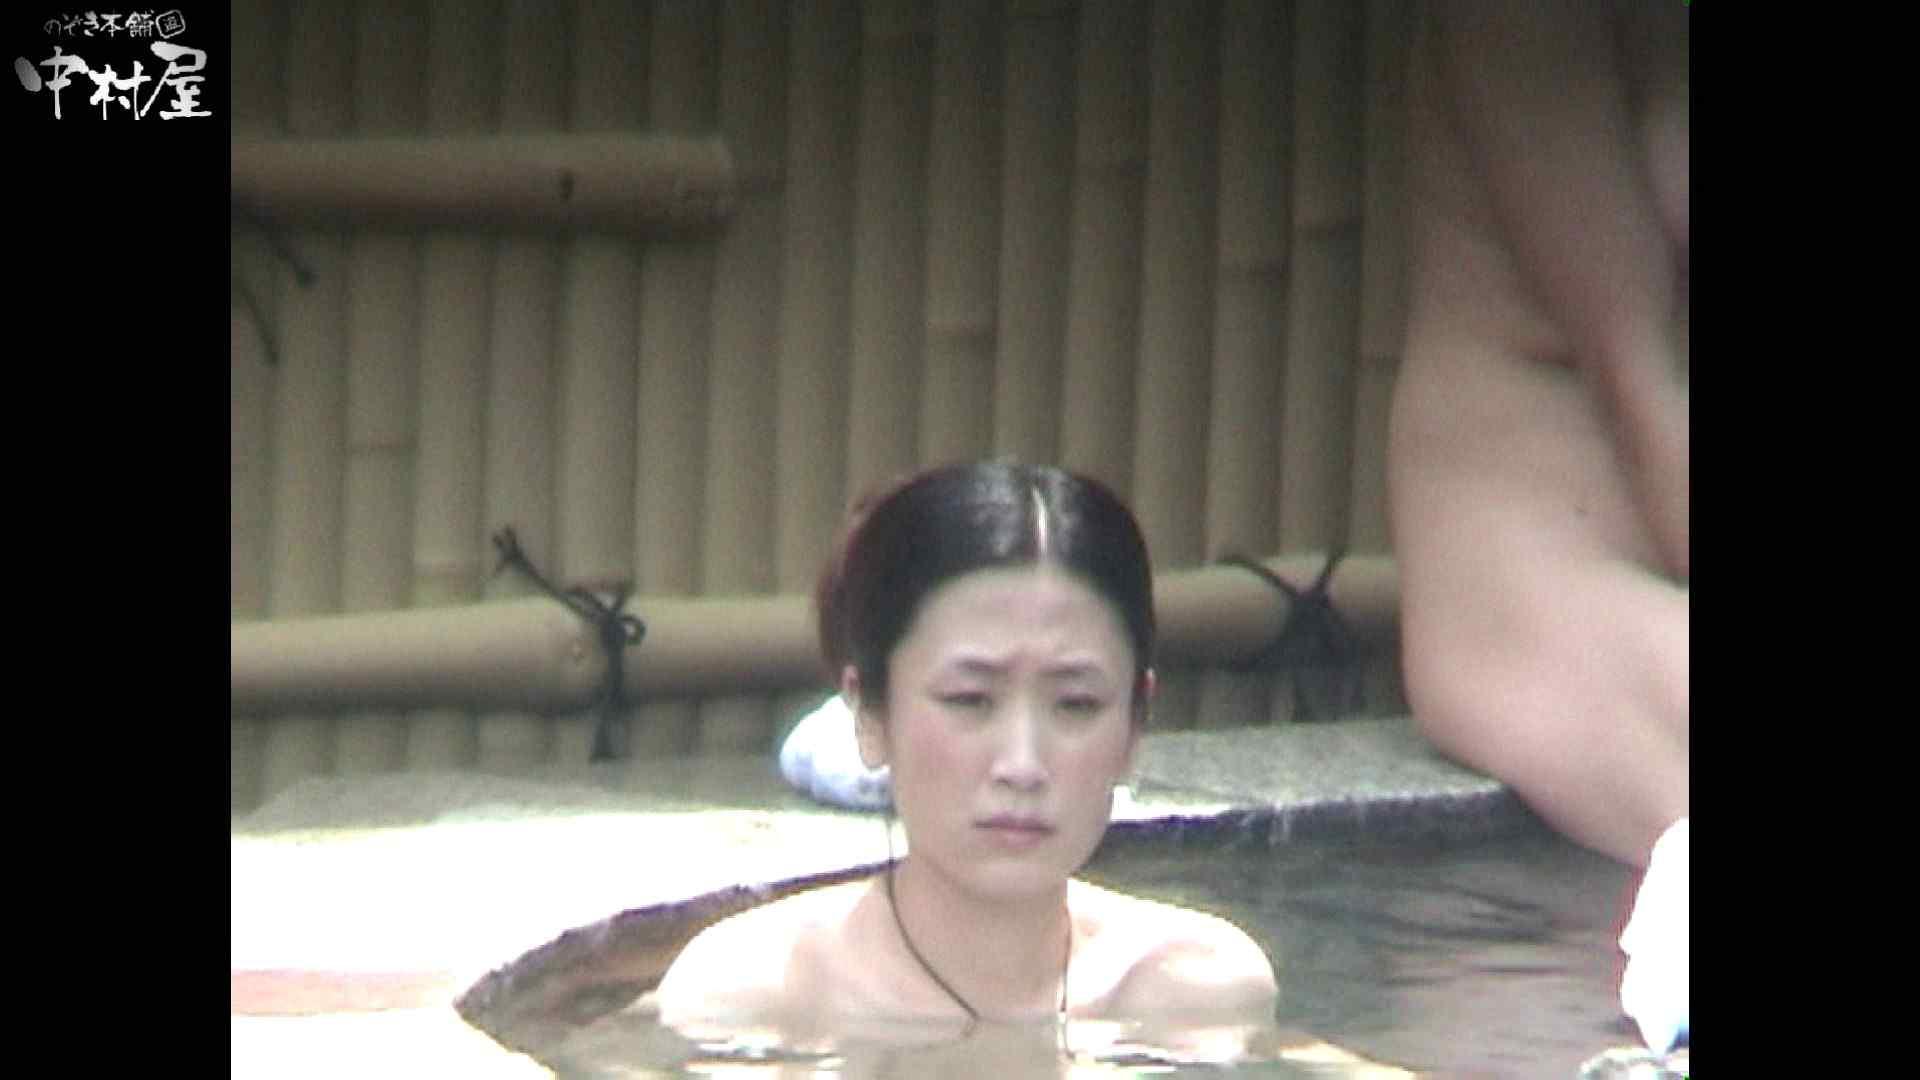 Aquaな露天風呂Vol.934 露天 | 盗撮  49pic 23